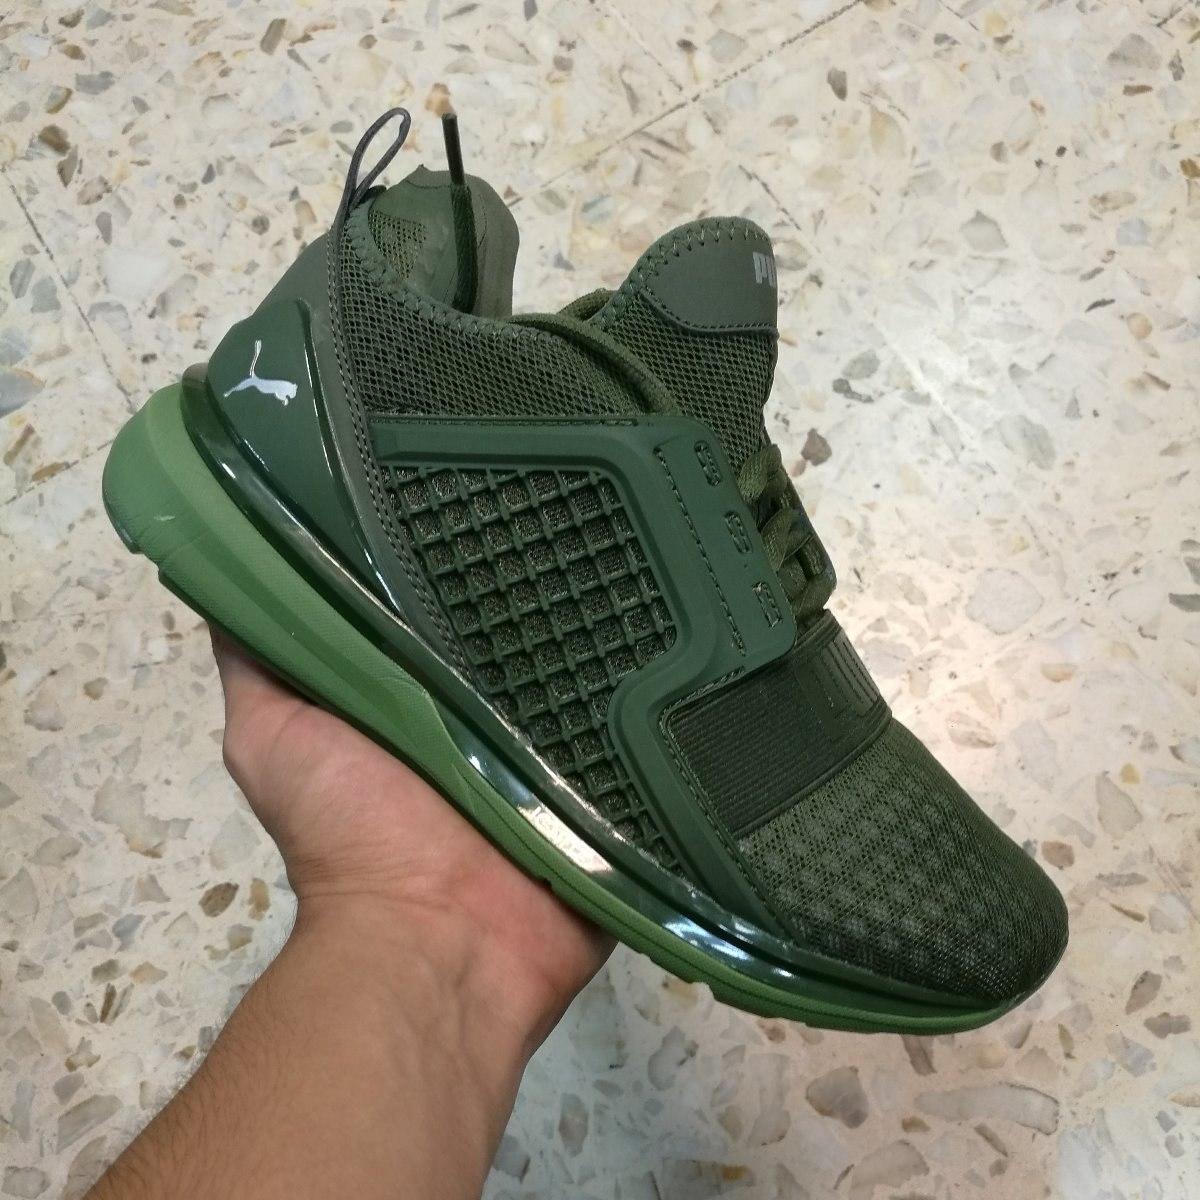 zapatillas puma verdes